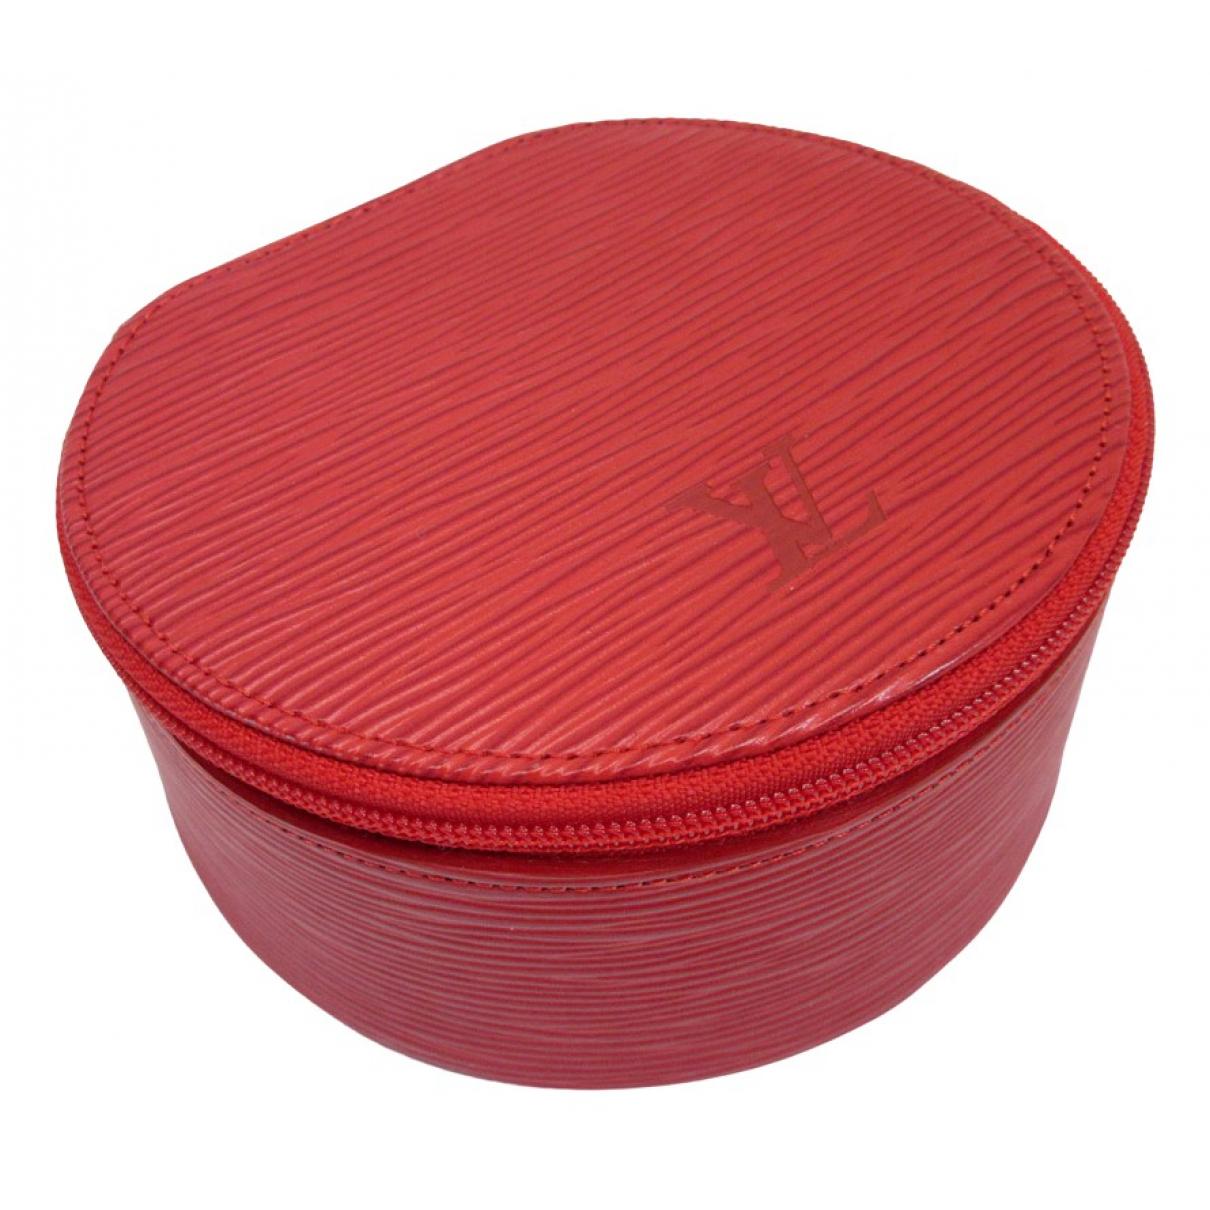 Louis Vuitton - Petite maroquinerie   pour femme en cuir - rouge